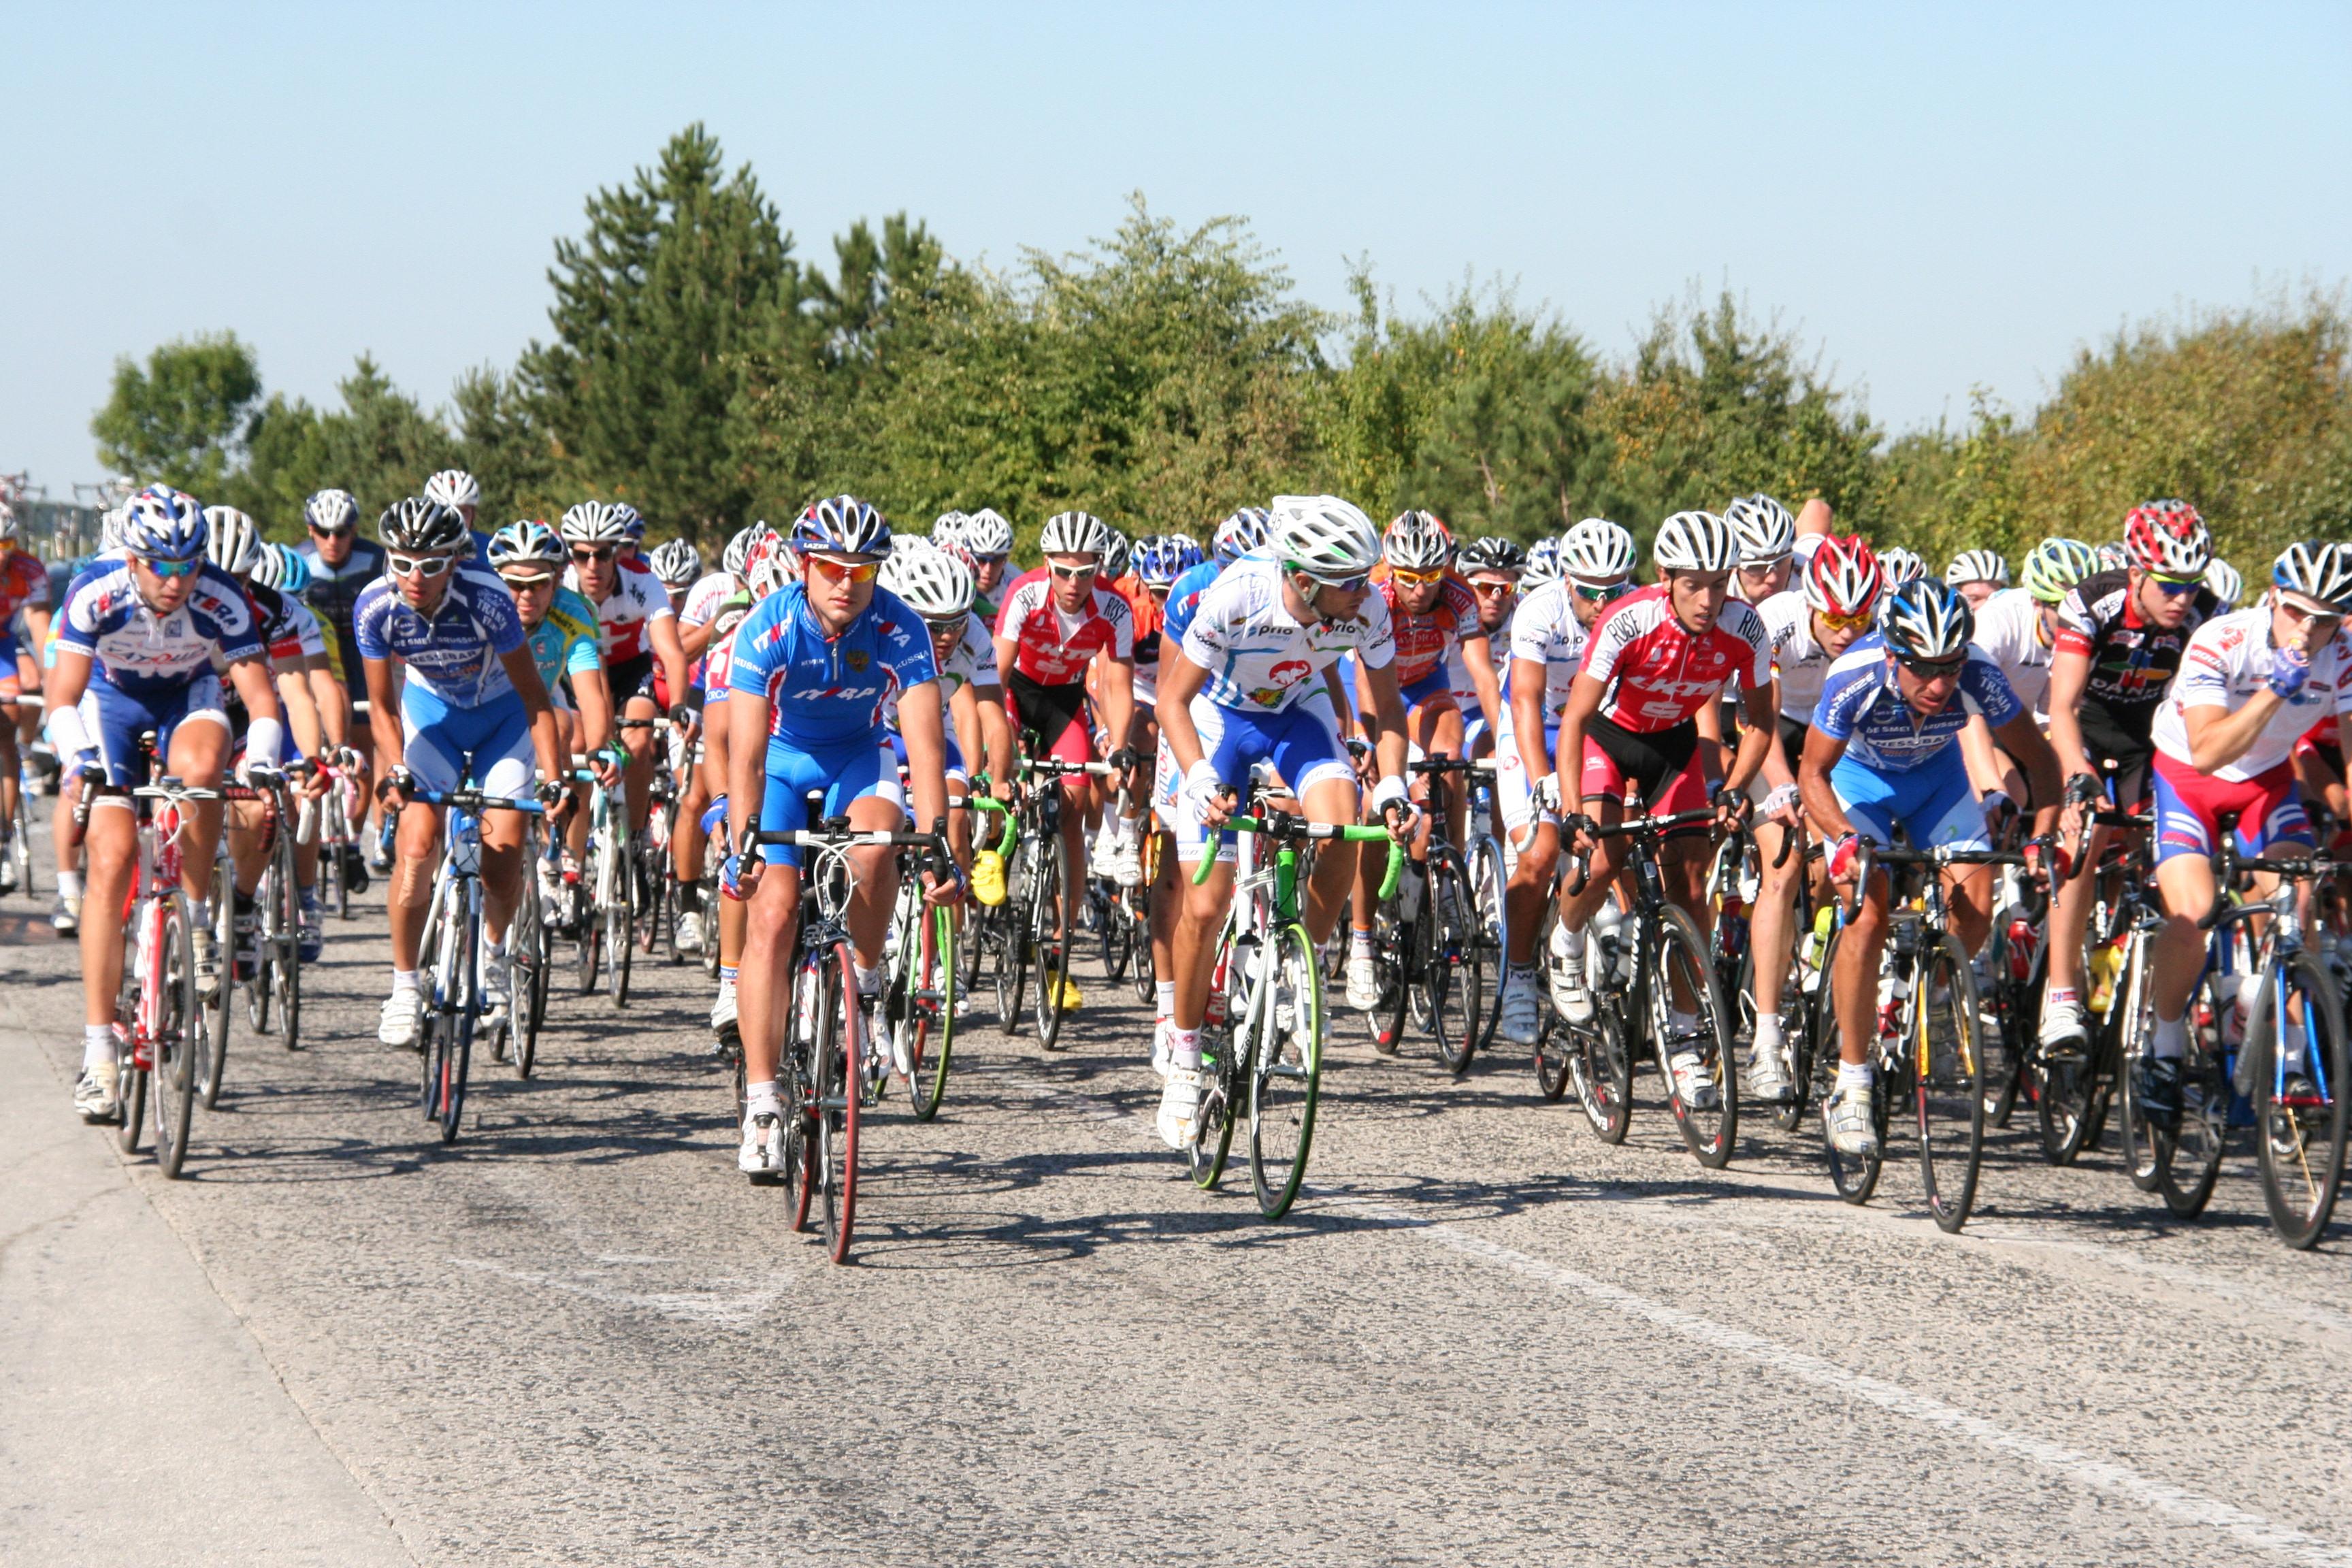 Тур Дьо Франс 2013 започва от Корсика